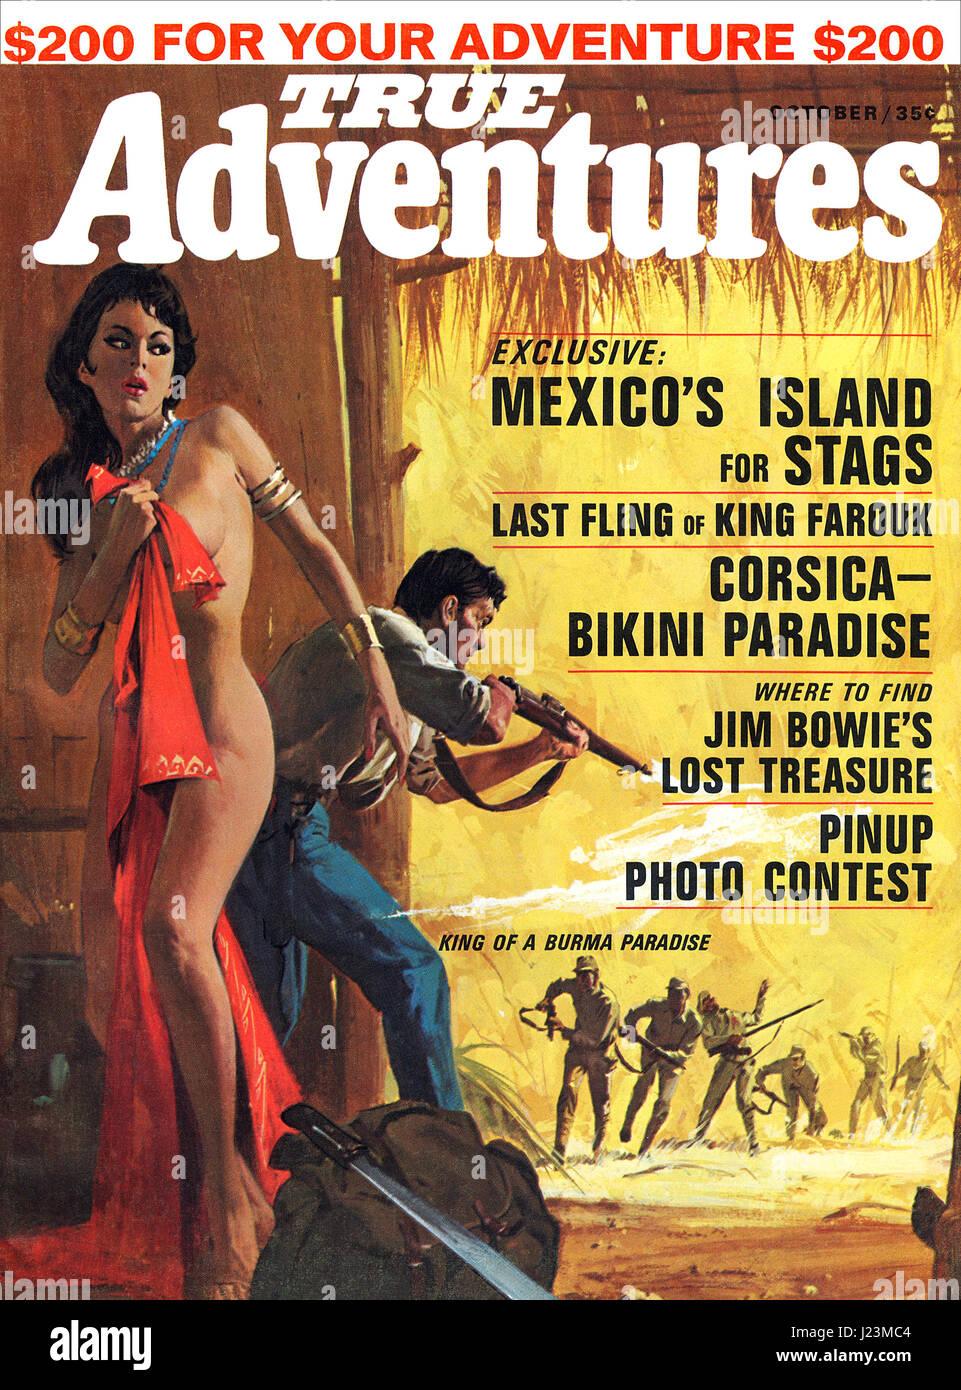 Couverture du magazine d'Aventures vraies octobre 1965, illustré par Roger Kastel. Photo Stock